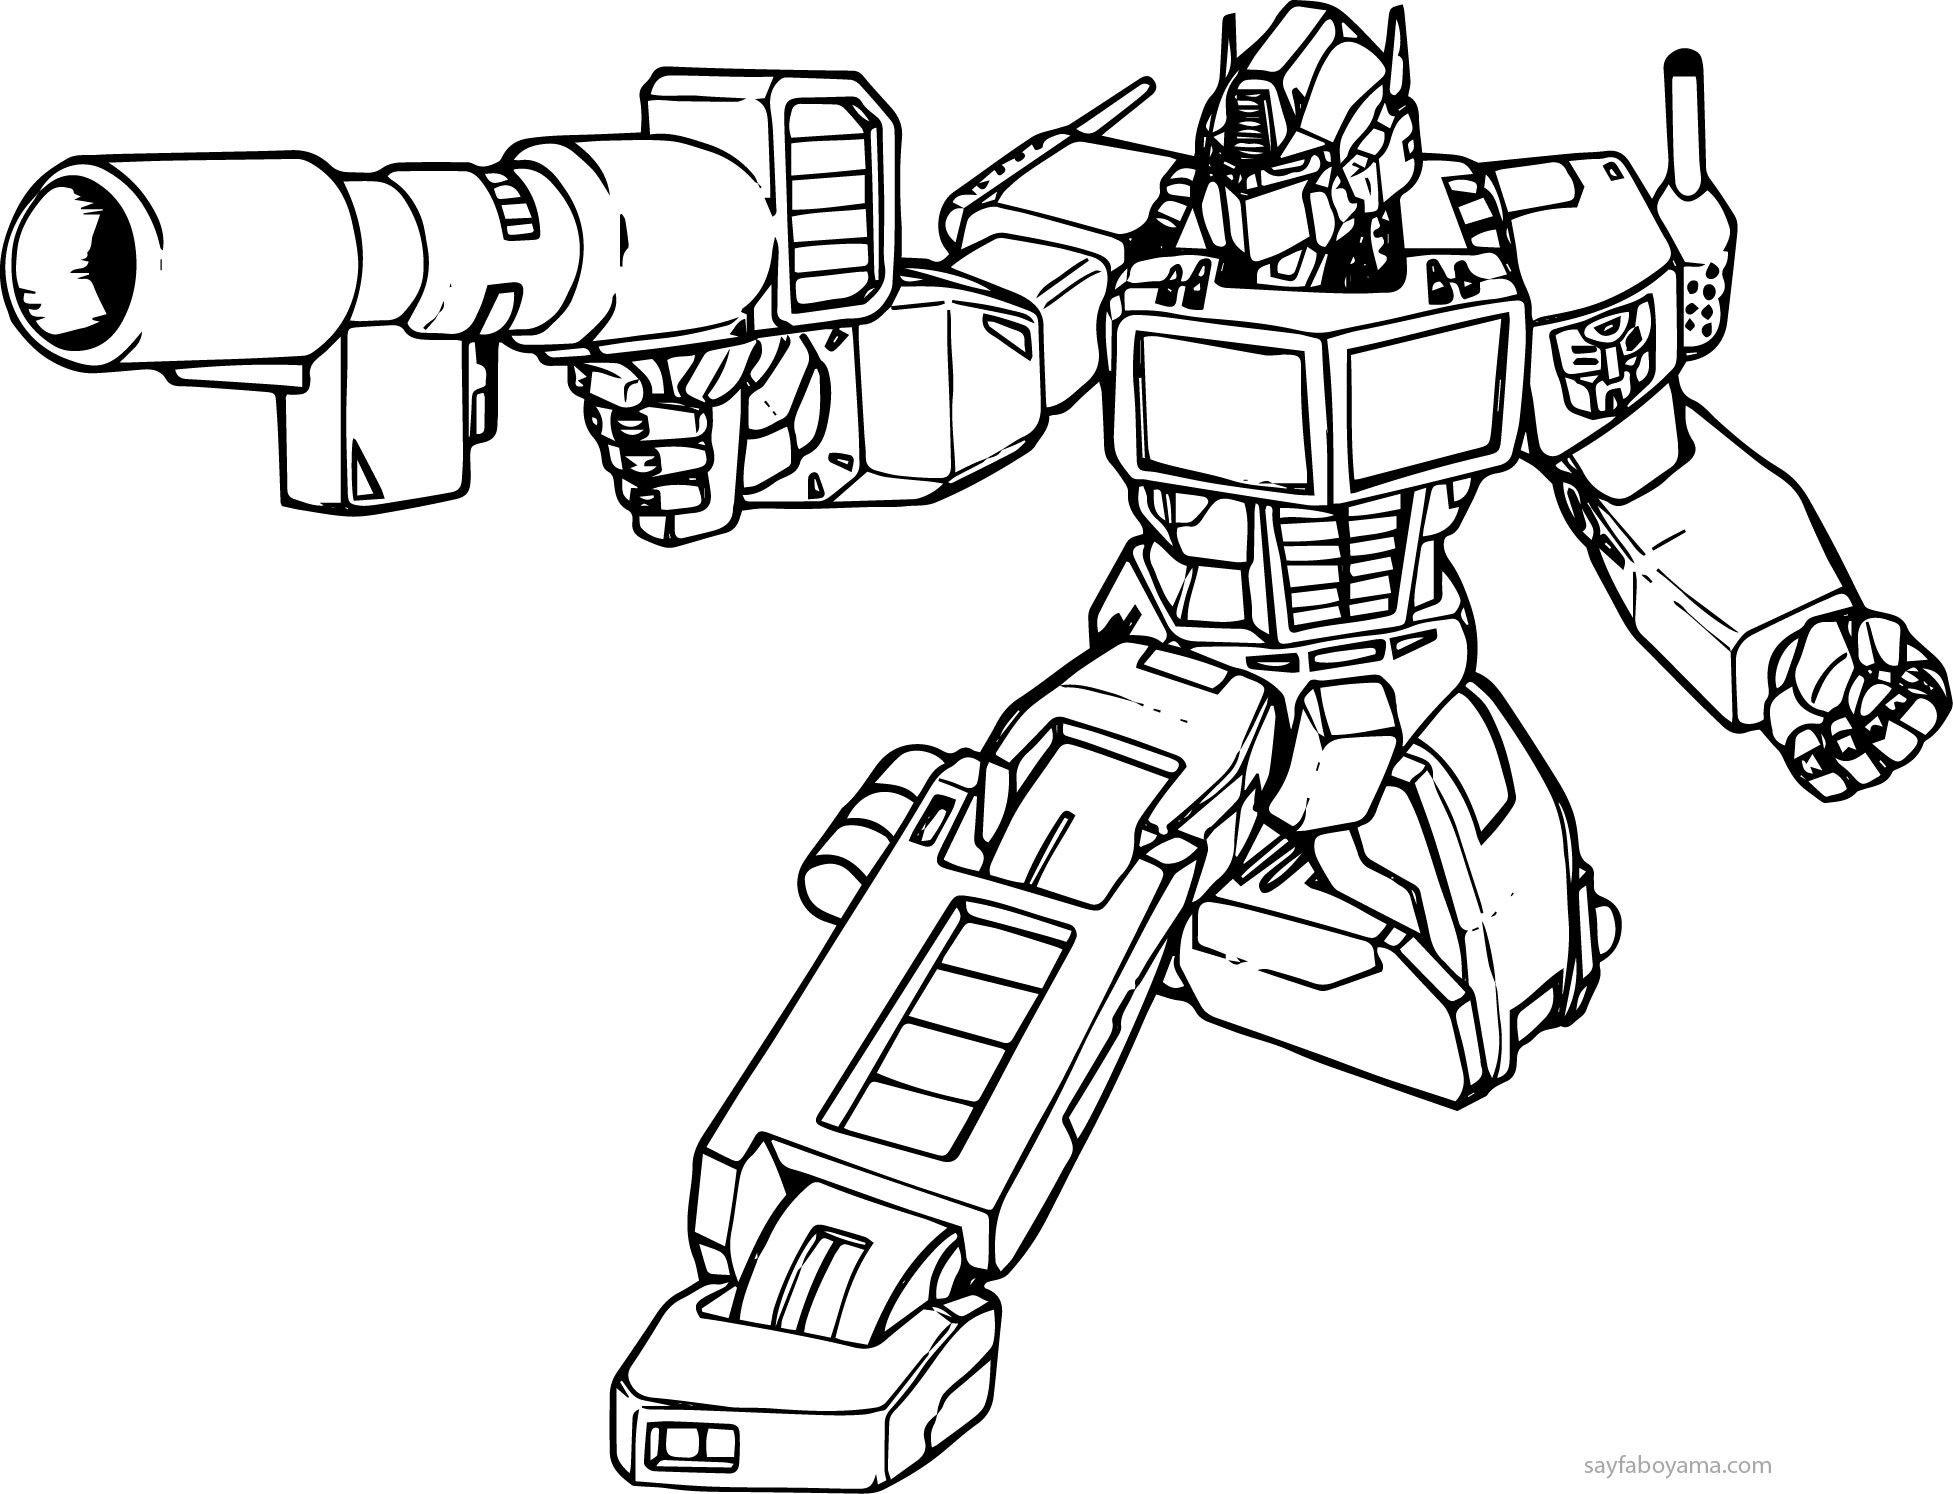 Transformers Da Colorare Ispiratore Poster Lego Transformers Coloring Pages Of Transformers D Libri Da Colorare Disegni Da Colorare Pagine Da Colorare